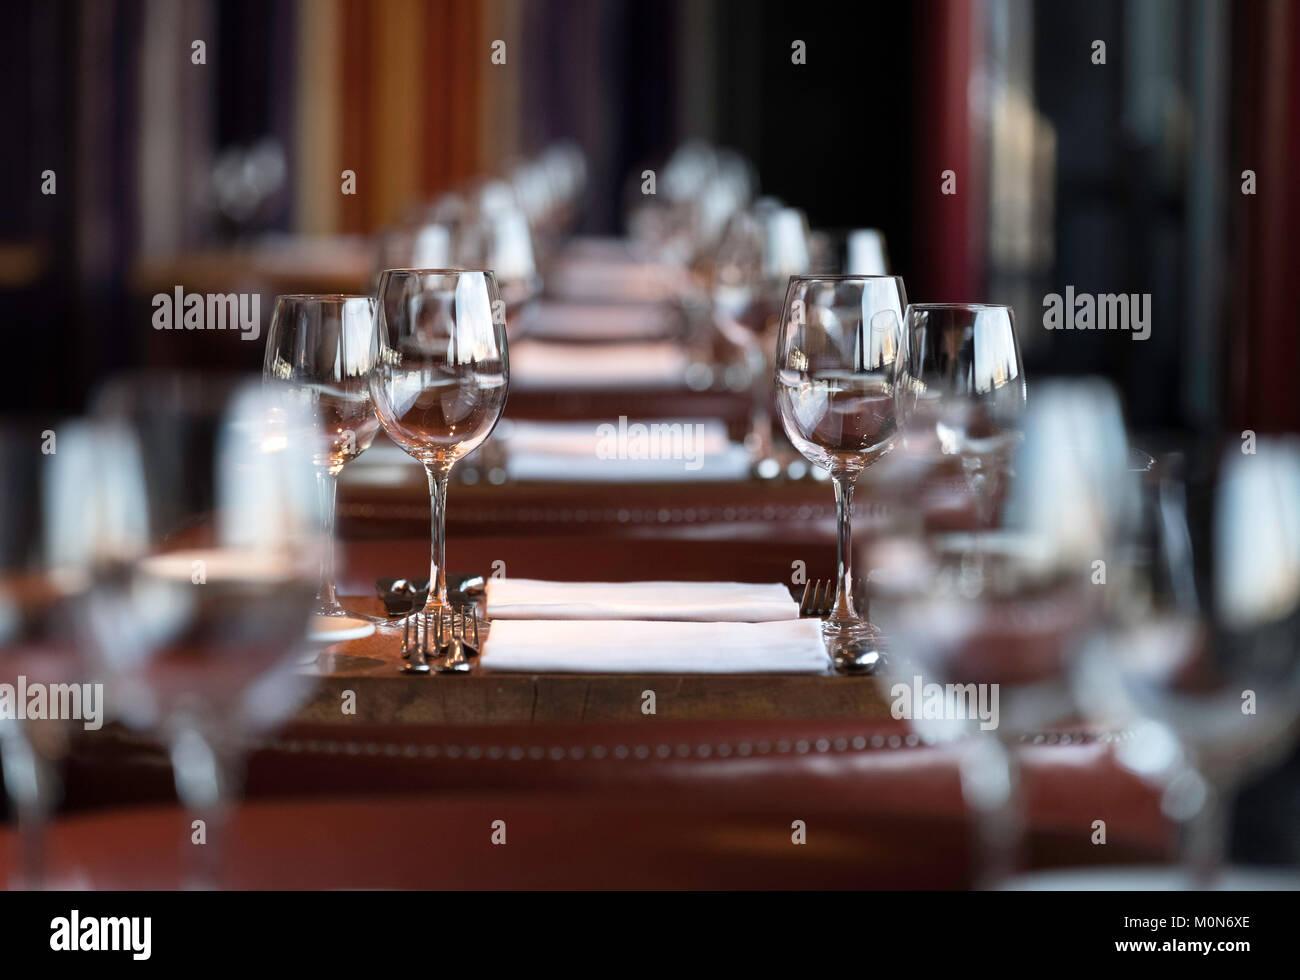 Blick auf die Reihe der Weingläser von Tischen in einem Restaurant Stockbild